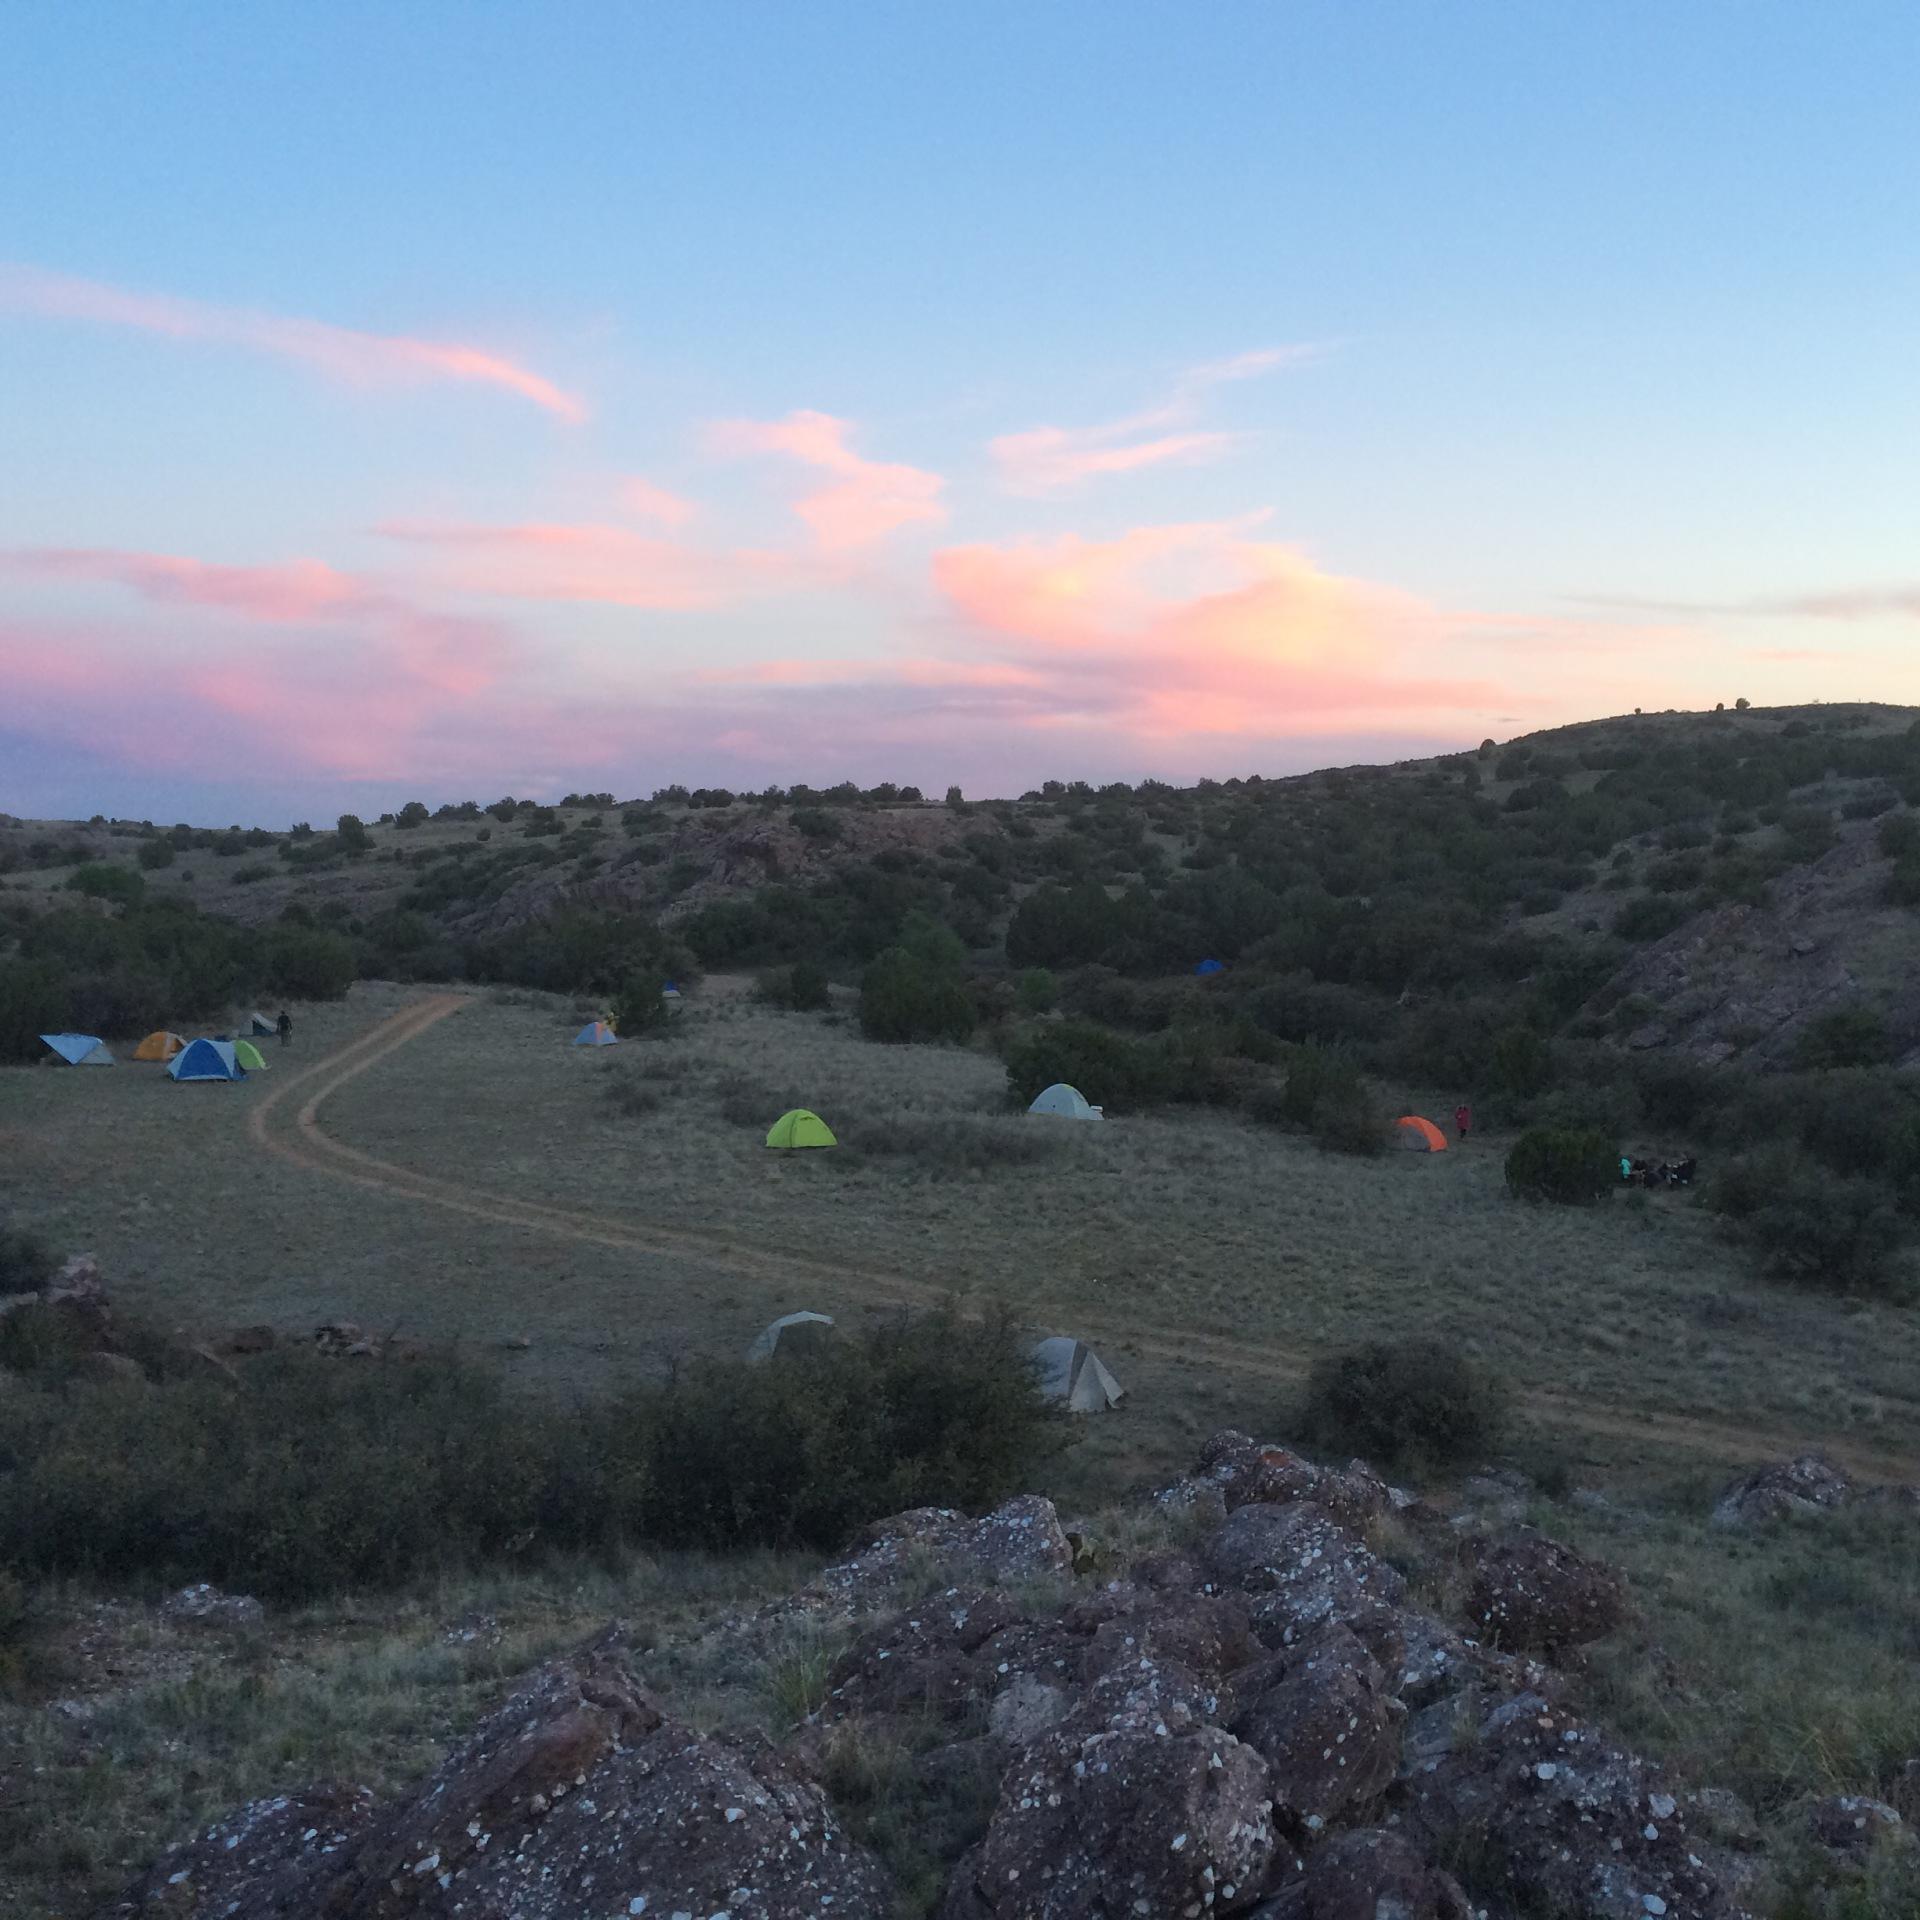 Camping at Granite Creek, Arizona Backpacking